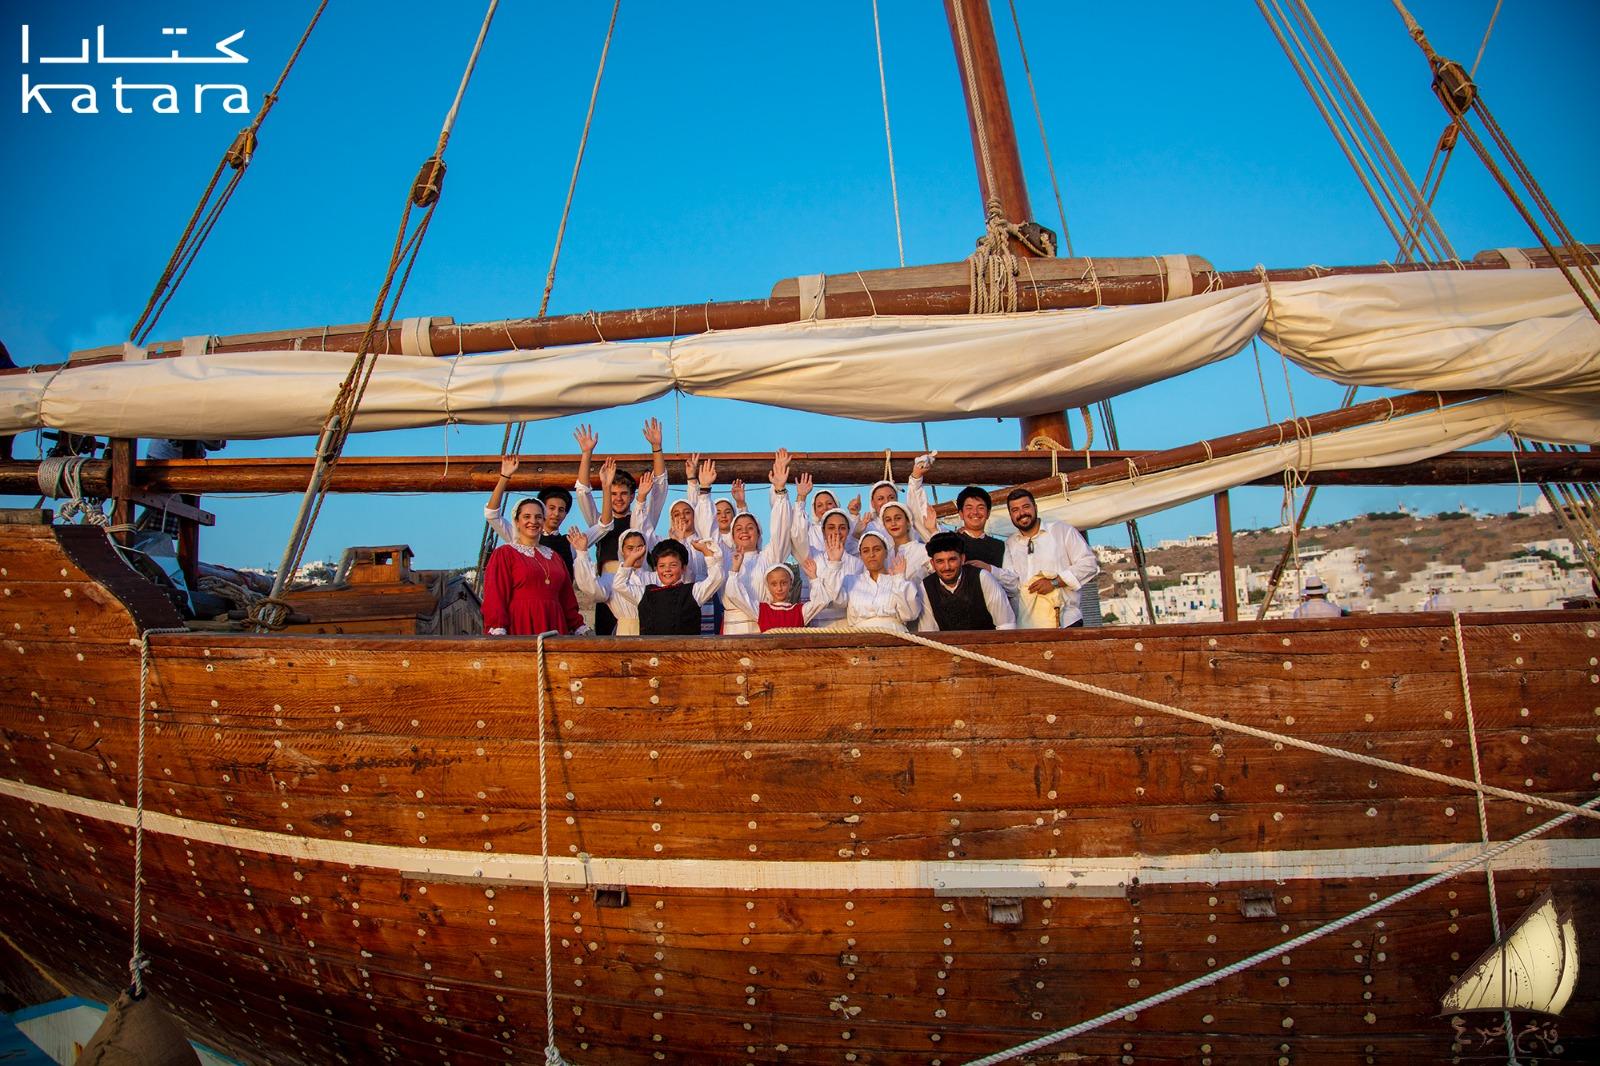 Κόσμος πάνω στο ξυλινο σκάφος